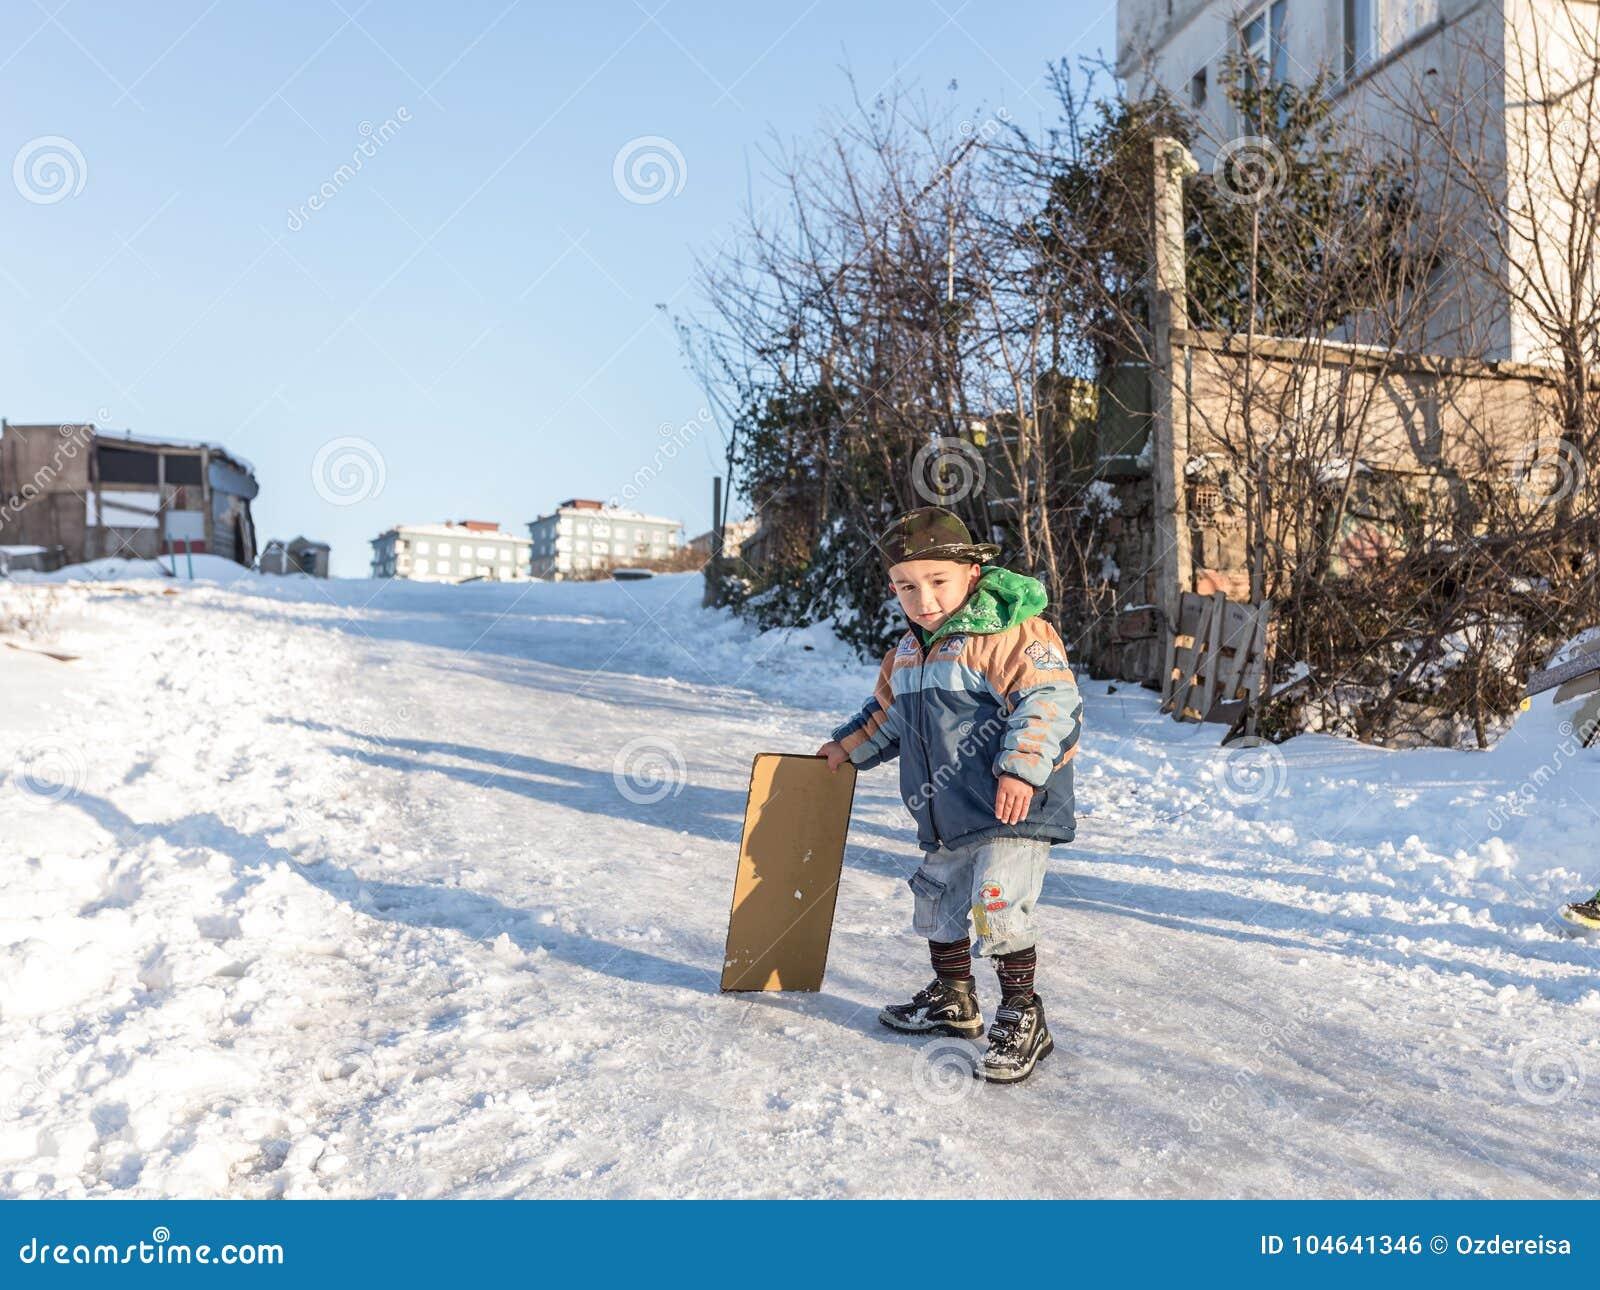 Download De Kinderen Glijden Op Sneeuw In Oude Schoolstijl Met Hardhout Redactionele Foto - Afbeelding bestaande uit vreugde, pret: 104641346